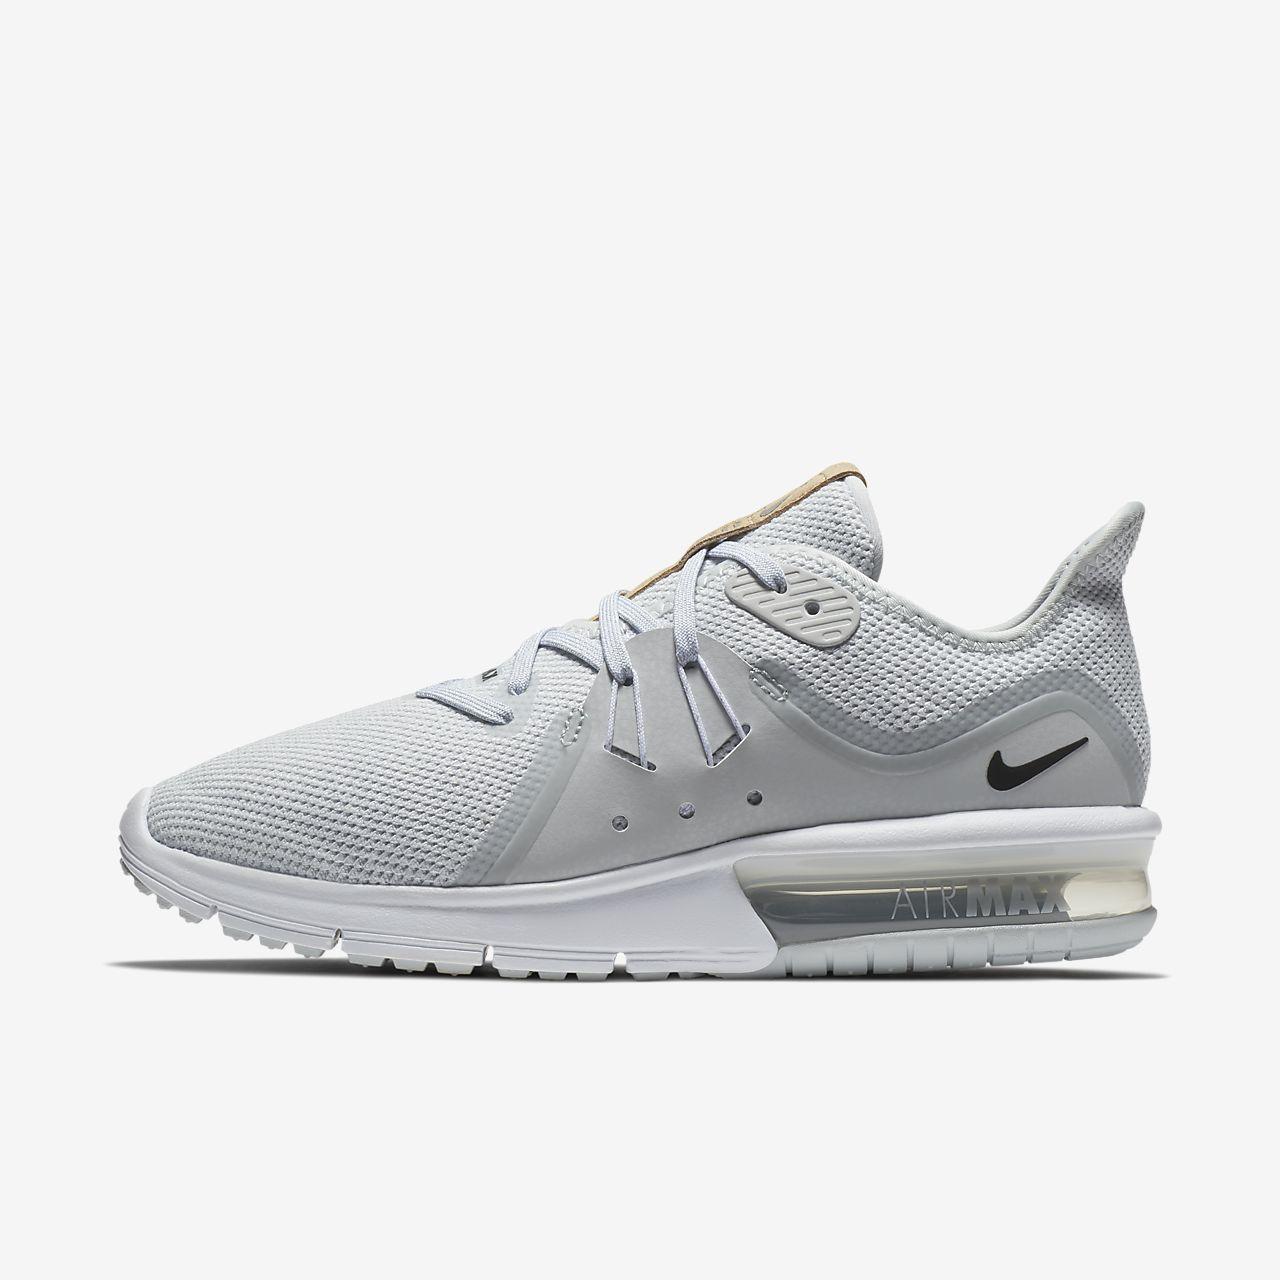 Nike Séquent Air Max 3 Noir Gris Foncé